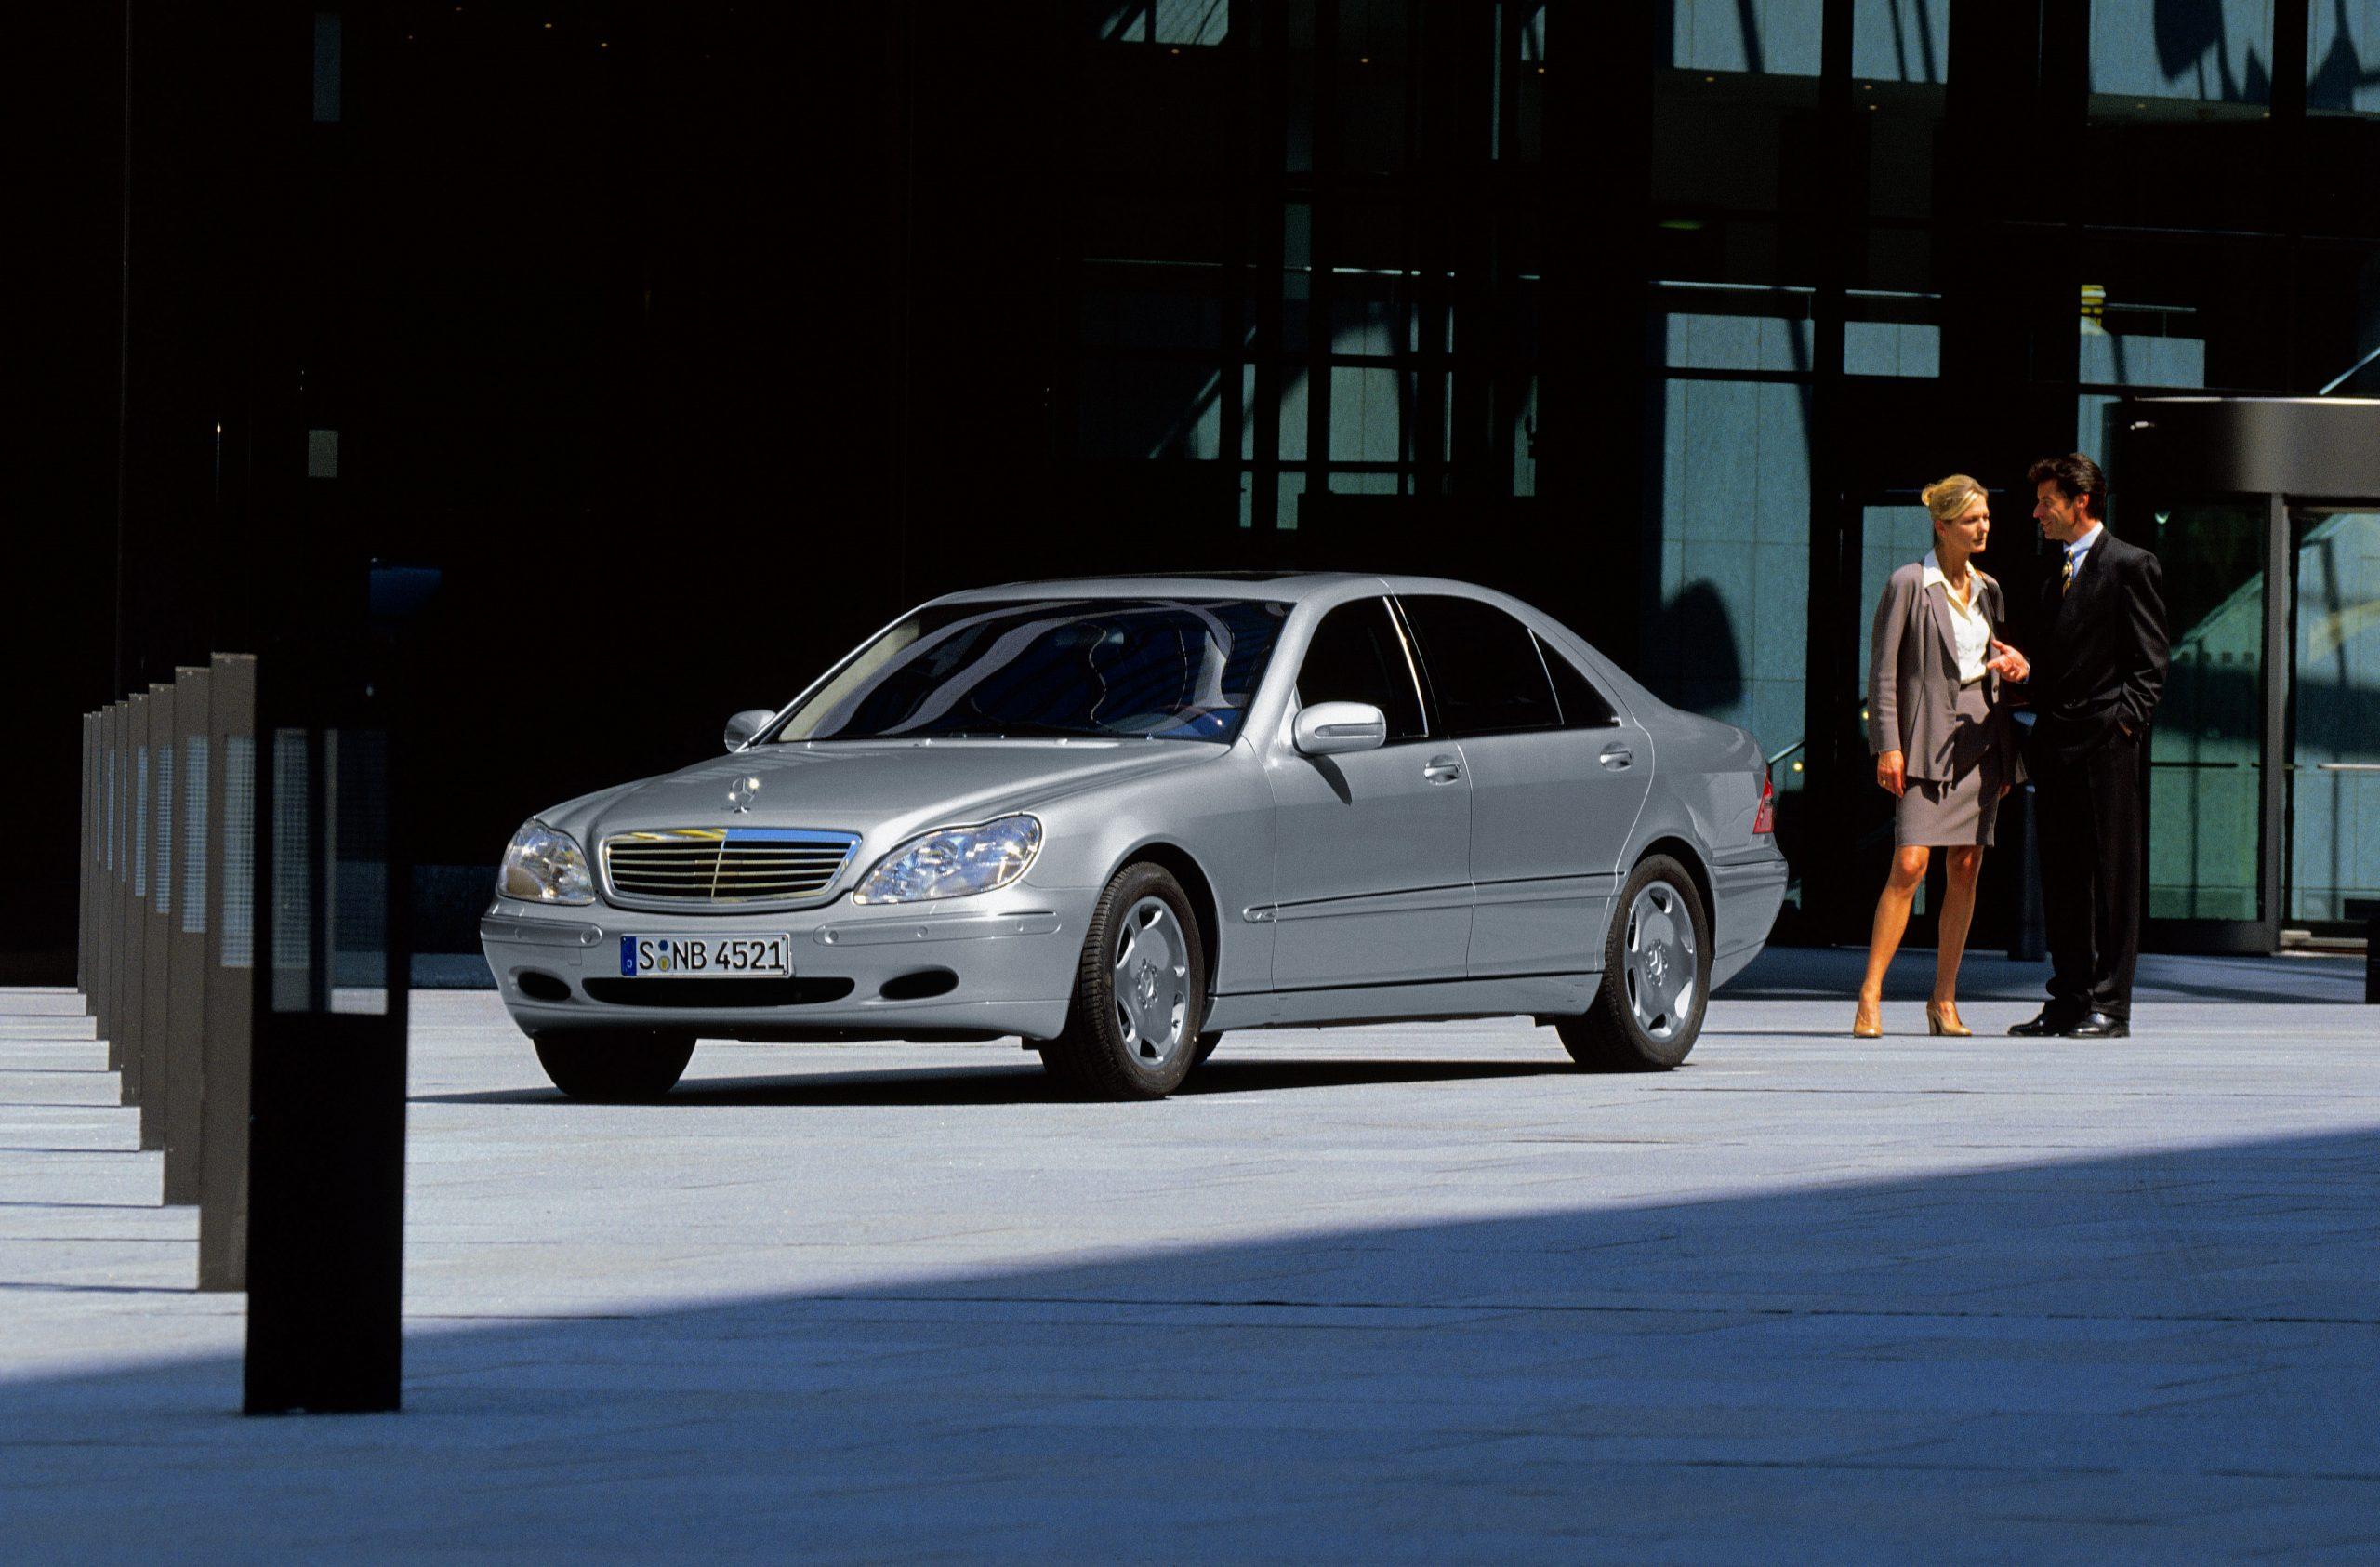 W220 Mercedes-Benz S 600 lang (W 220): Die Baureihe W 220 wird seit 1998 gebaut.